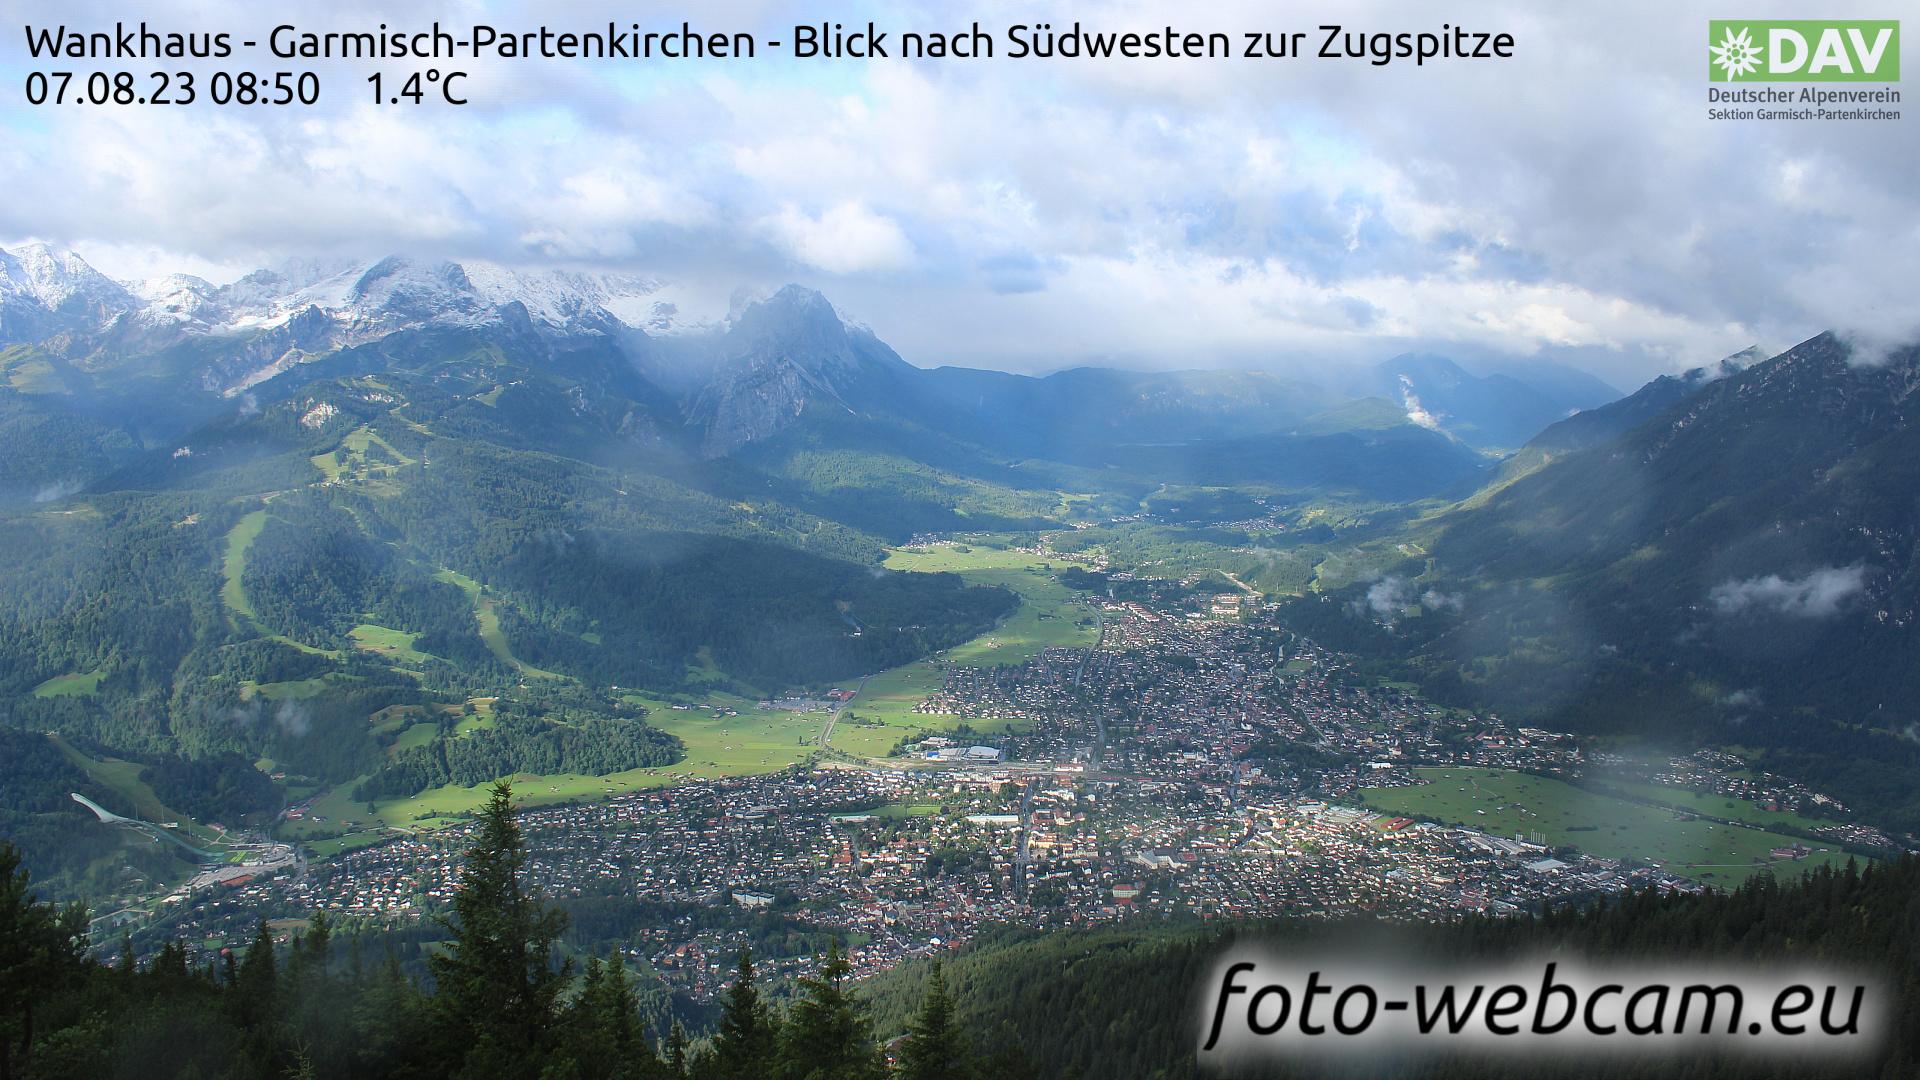 Garmisch-Partenkirchen Mon. 08:52